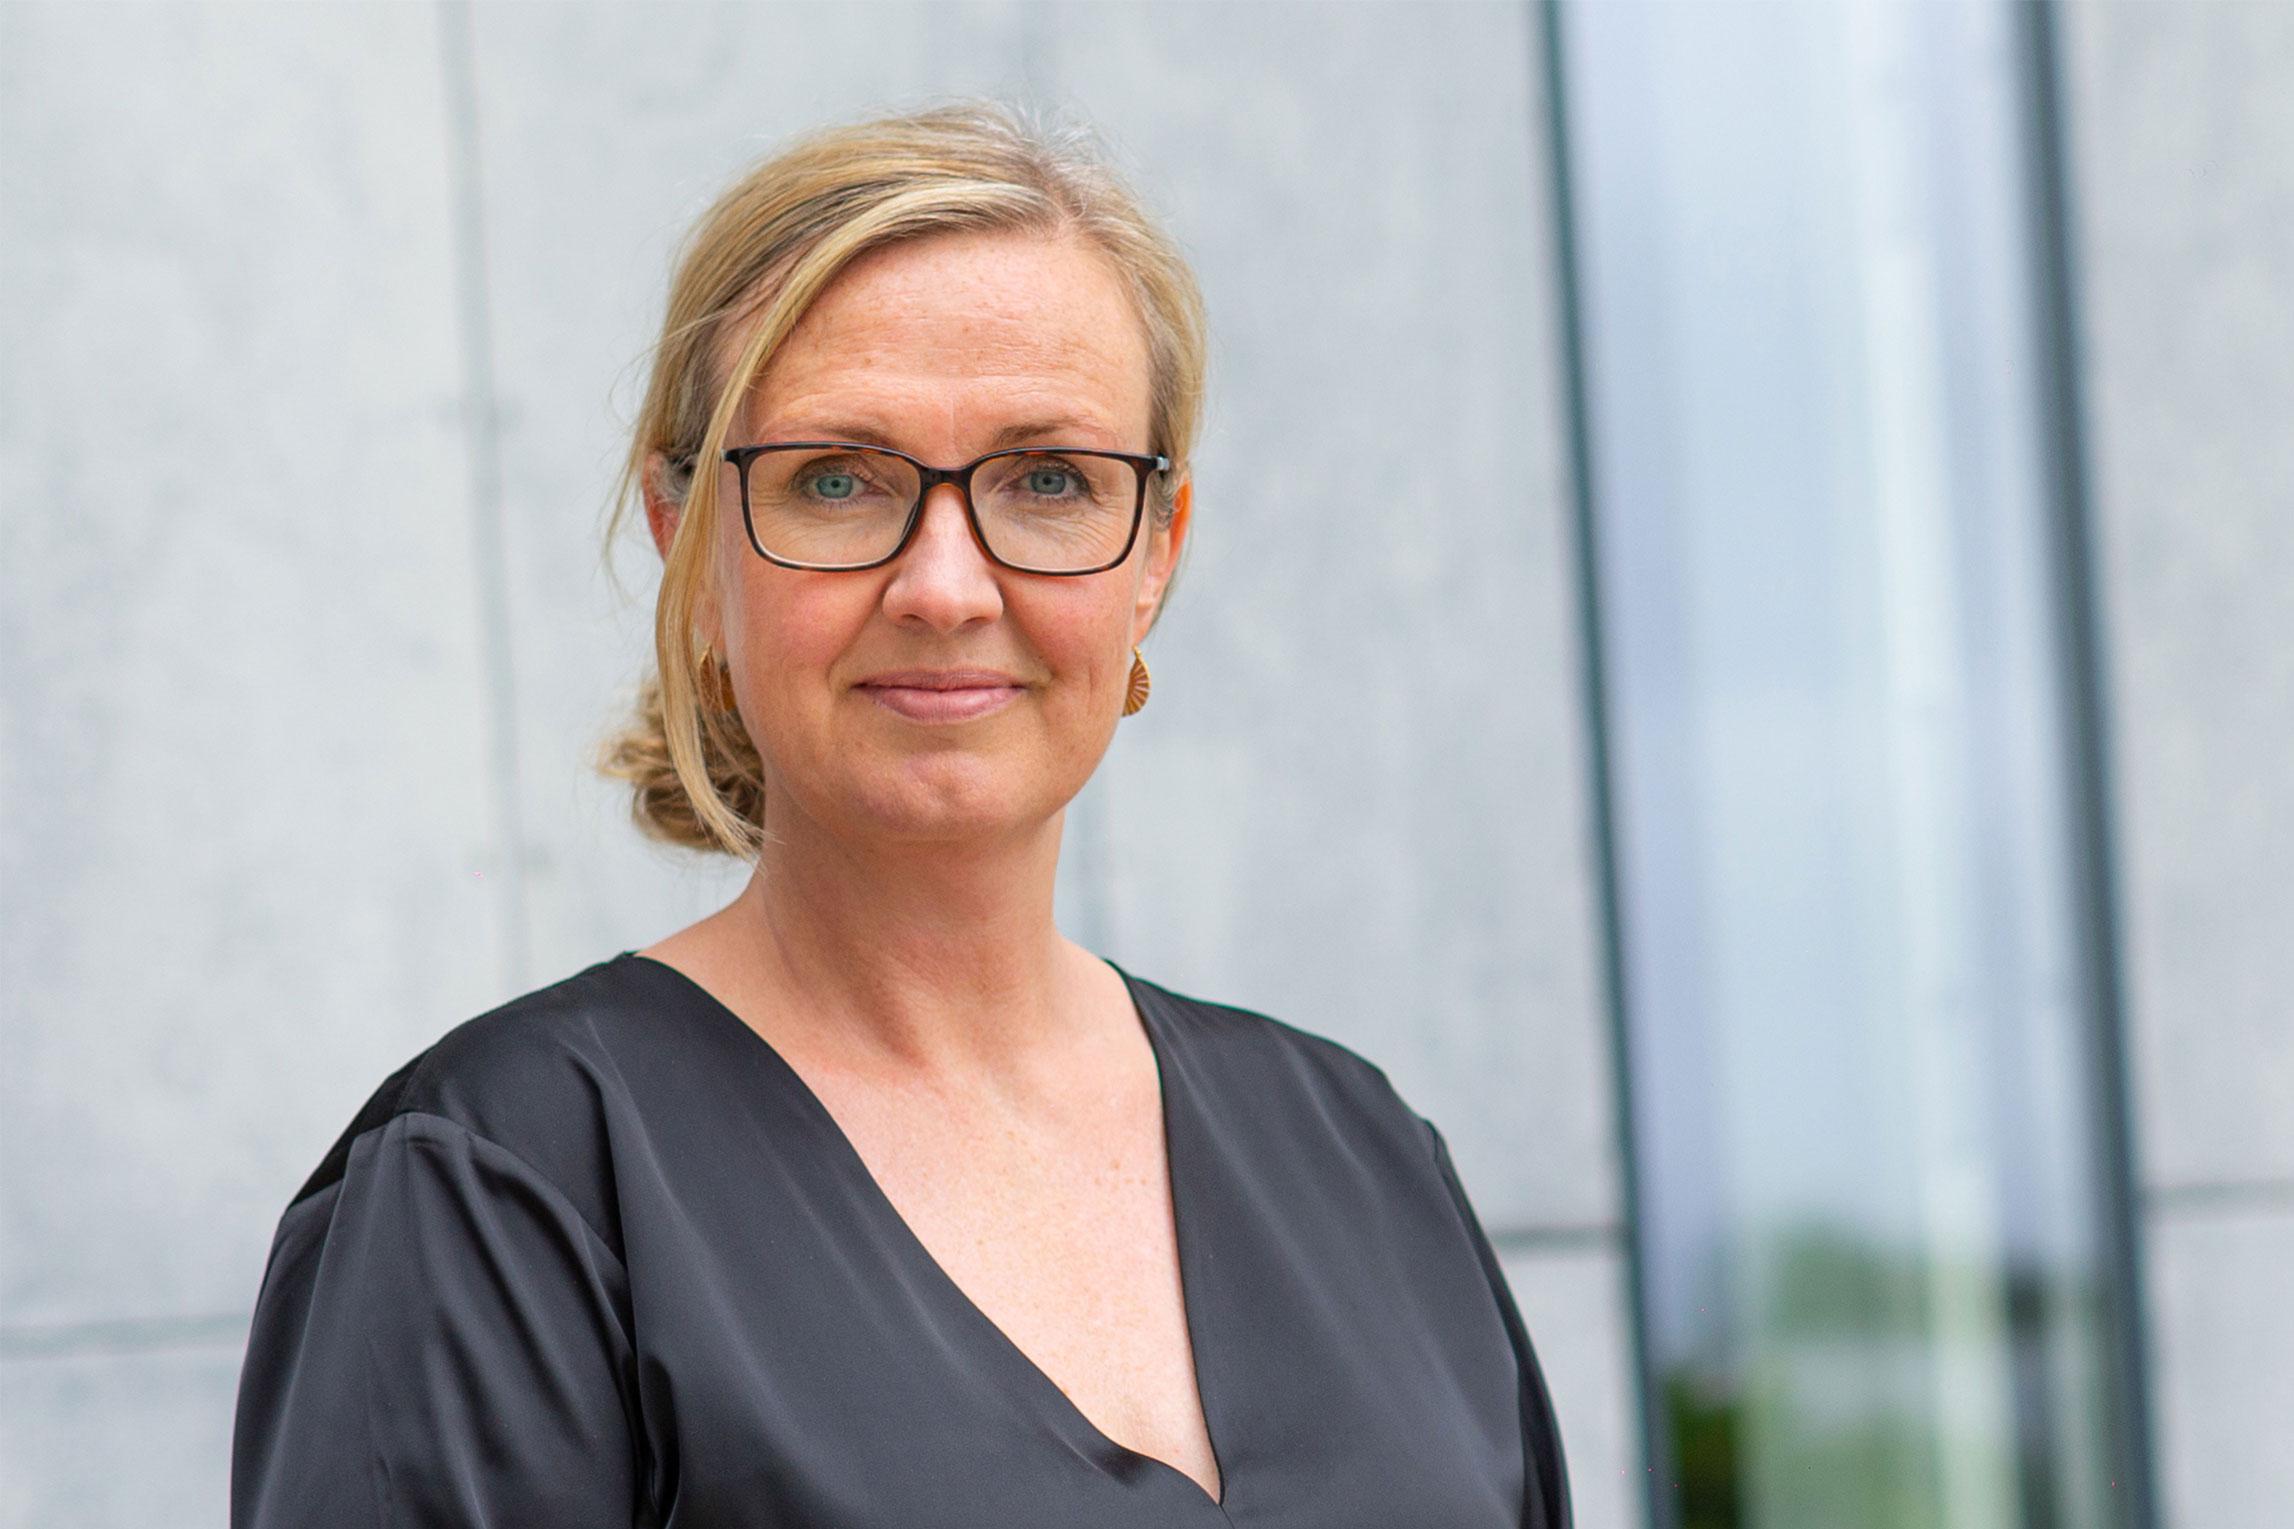 Lise Vestergaard salgsdirektør Commentor